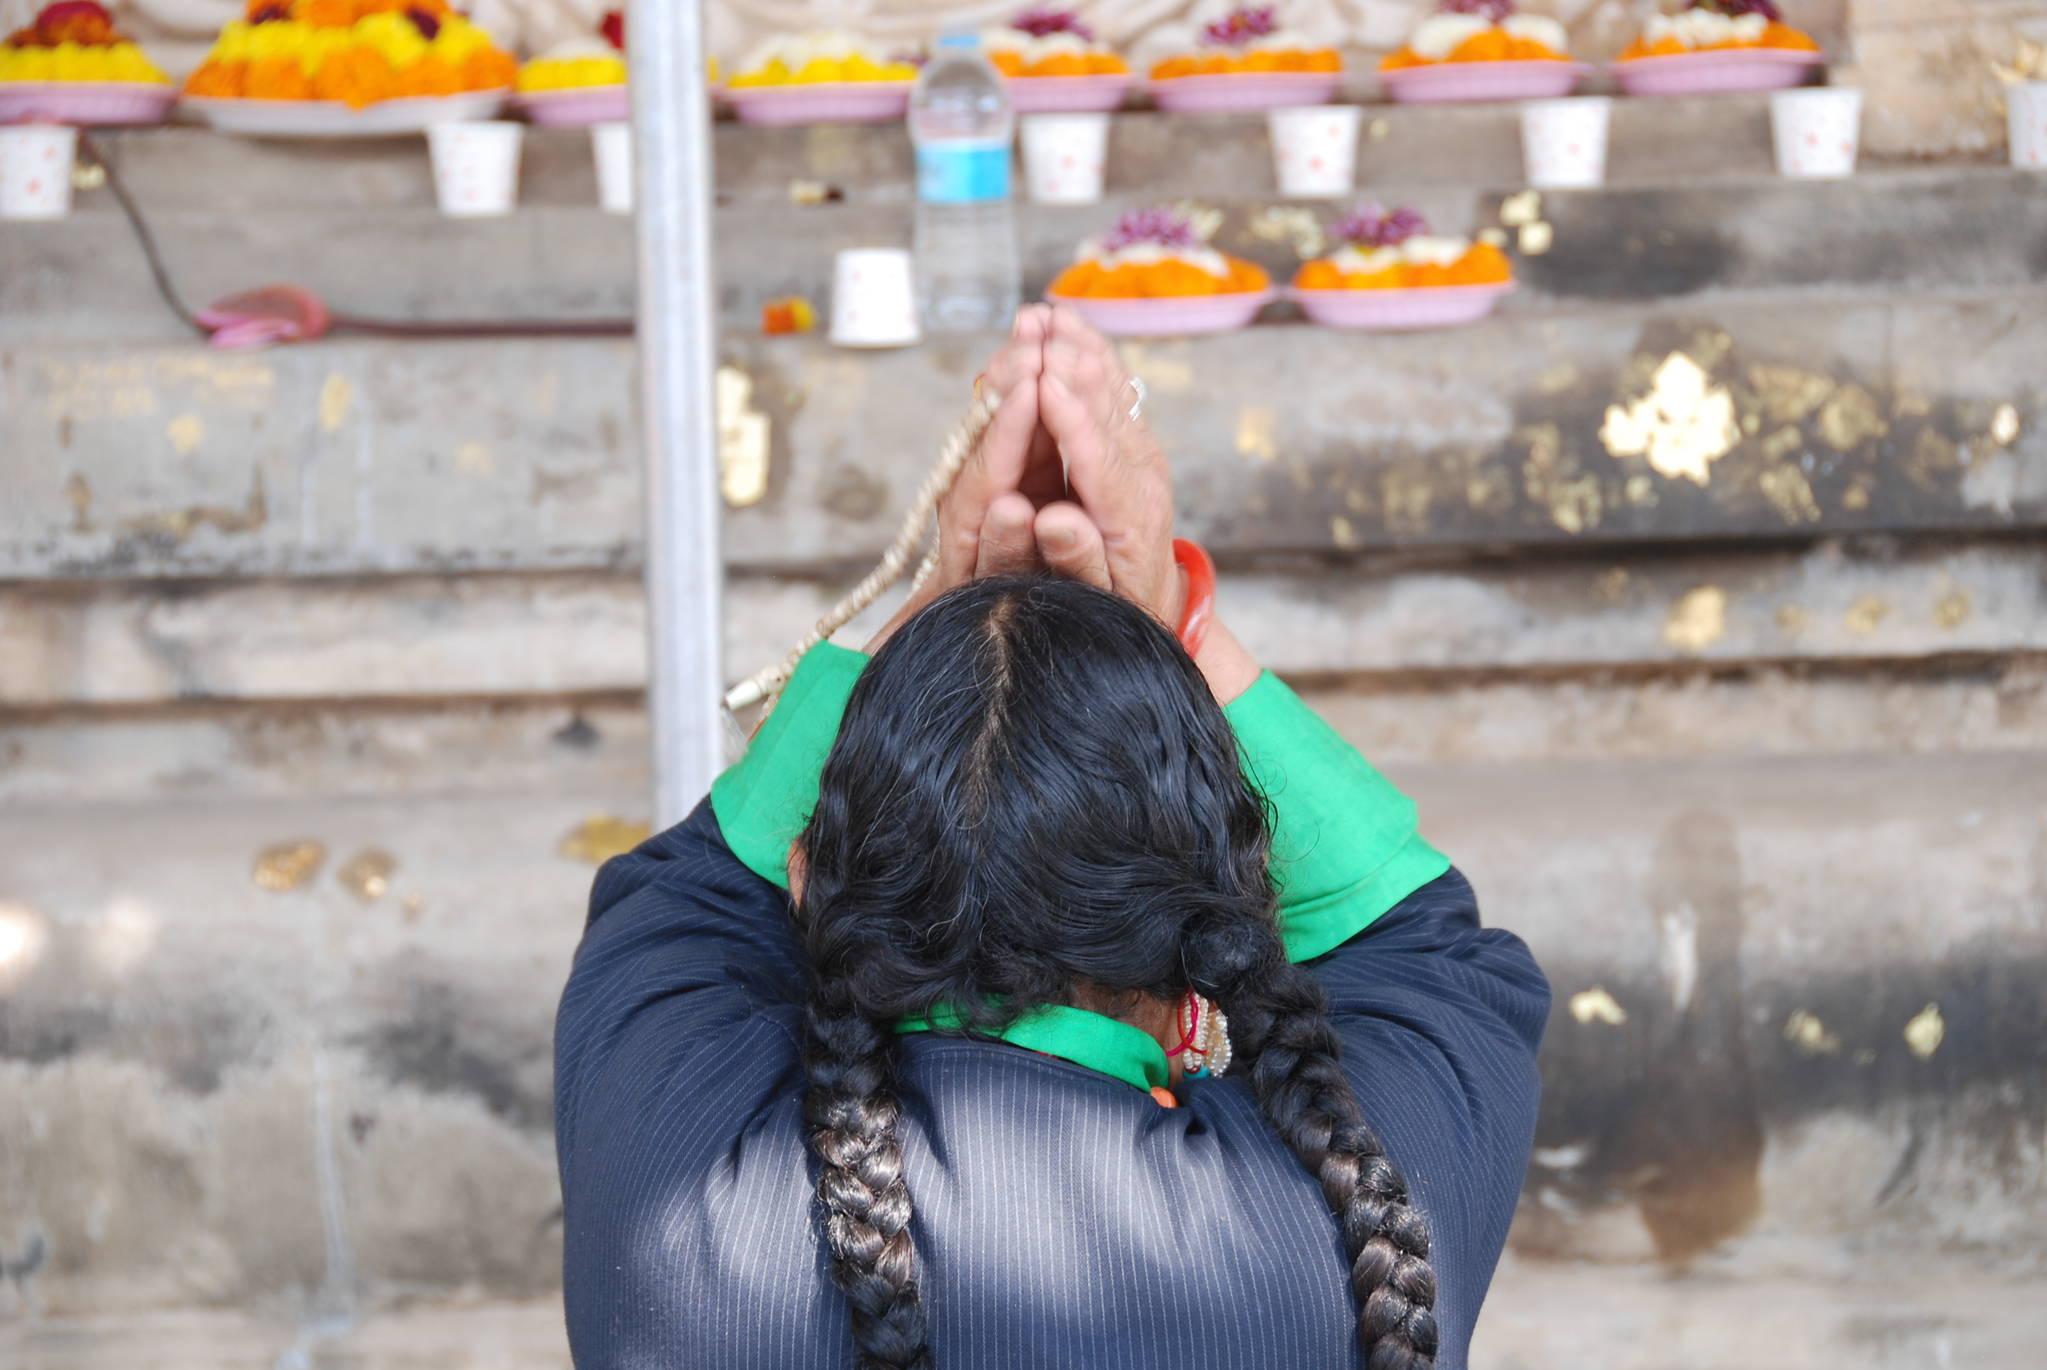 붓다가 깨달음을 이룬 보리수 앞에서 티베트 순례객이 두 손을 머리 위로 모은 채 기도를 하고 있다. 백성호 기자